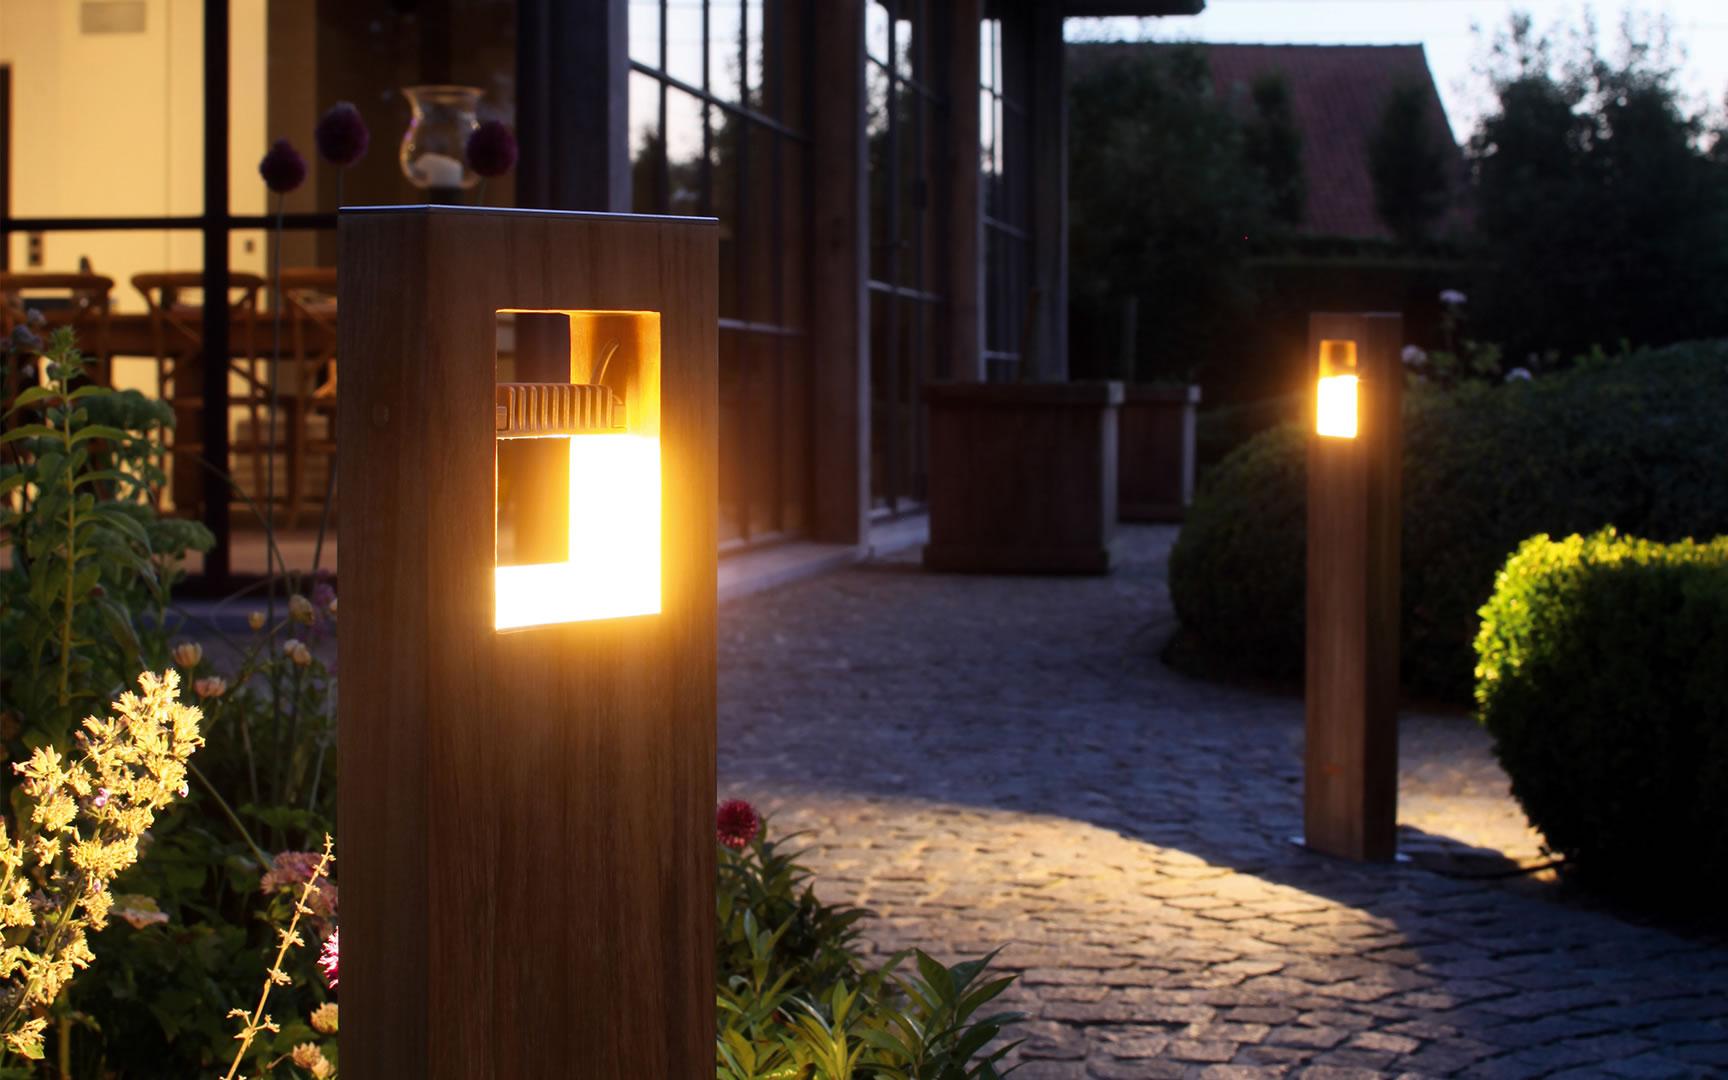 Luxe Tuinverlichting Ernst Baas Tuininrichting Design